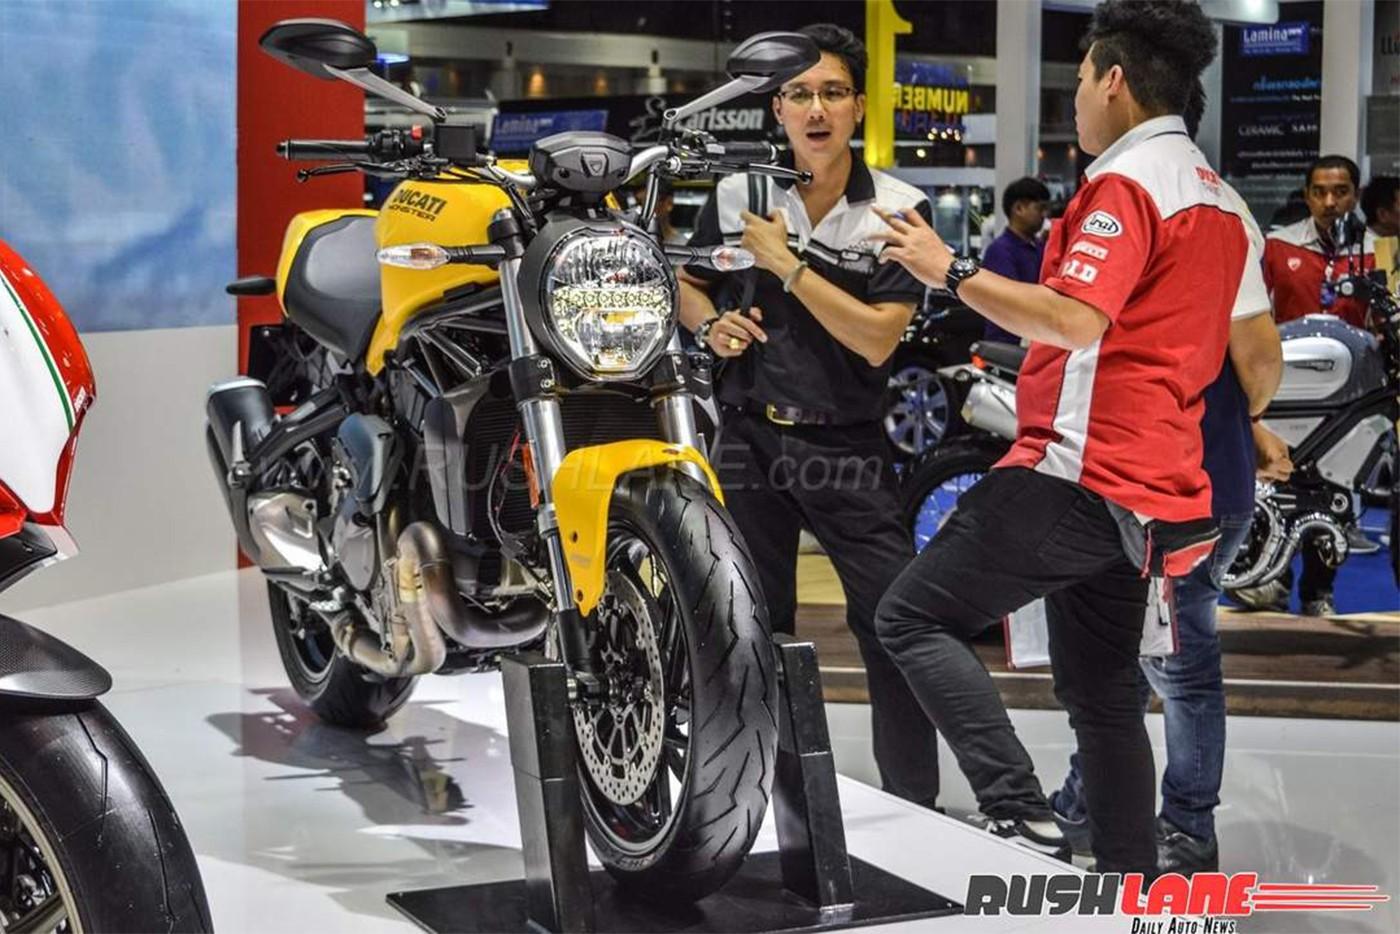 Thị trường xe - Ducati tung Monster 821 thế hệ mới 'dọa nạt' Yamaha MT-09 (Hình 5).